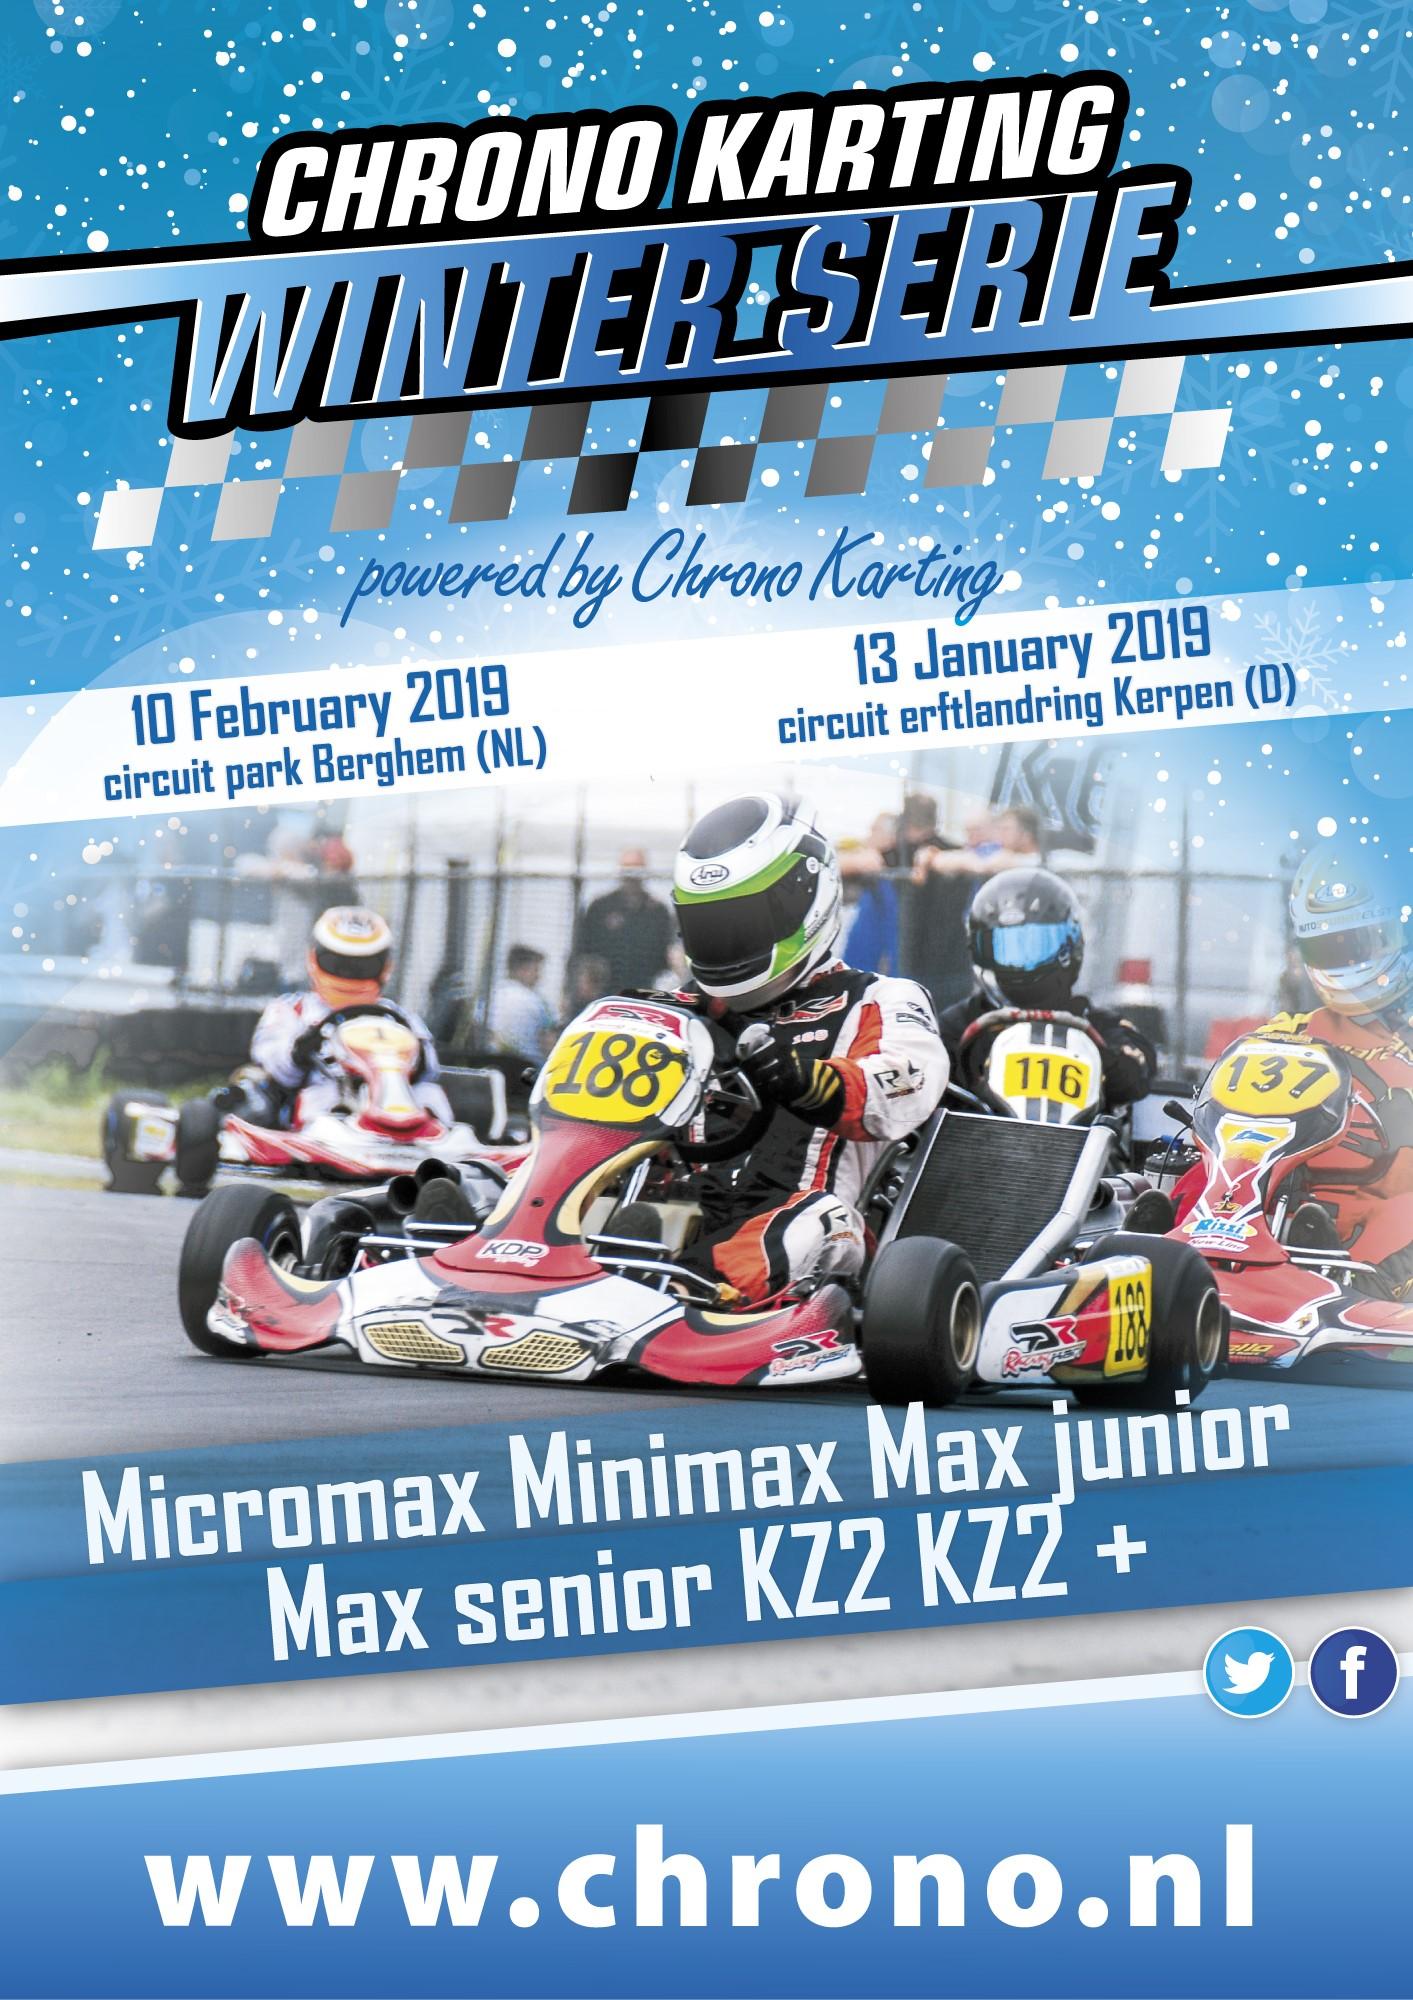 Open Winter 2t Serie 2019 Chrono Karting